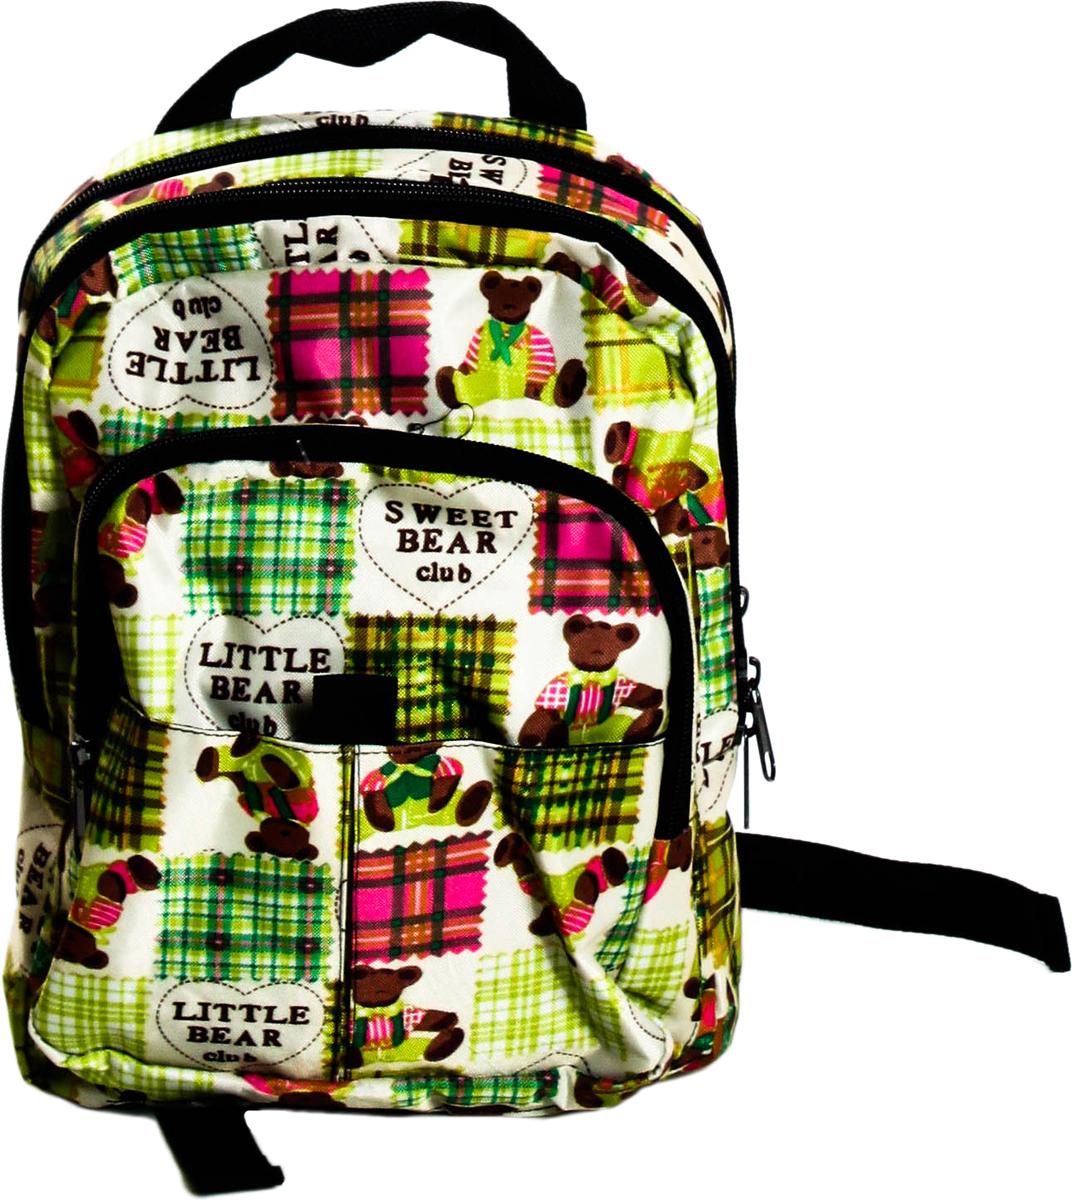 Рюкзак детский Мишки, цвет: светло-зеленый, 8 л081 МишкиТекстильный рюкзак для маленьких модников и модниц! Идеален, как для повседневной носки, так и для поездок и путешествий. В свой рюкзак Ваш ребенок сможет собрать самые необходимые для него вещи : любимую игрушку, раскраску, интересную книгу или свой гаджет. Данная модель не смотря на размер очень вместительна, имеет два основных отделения и два кармана на молнии снаружи.